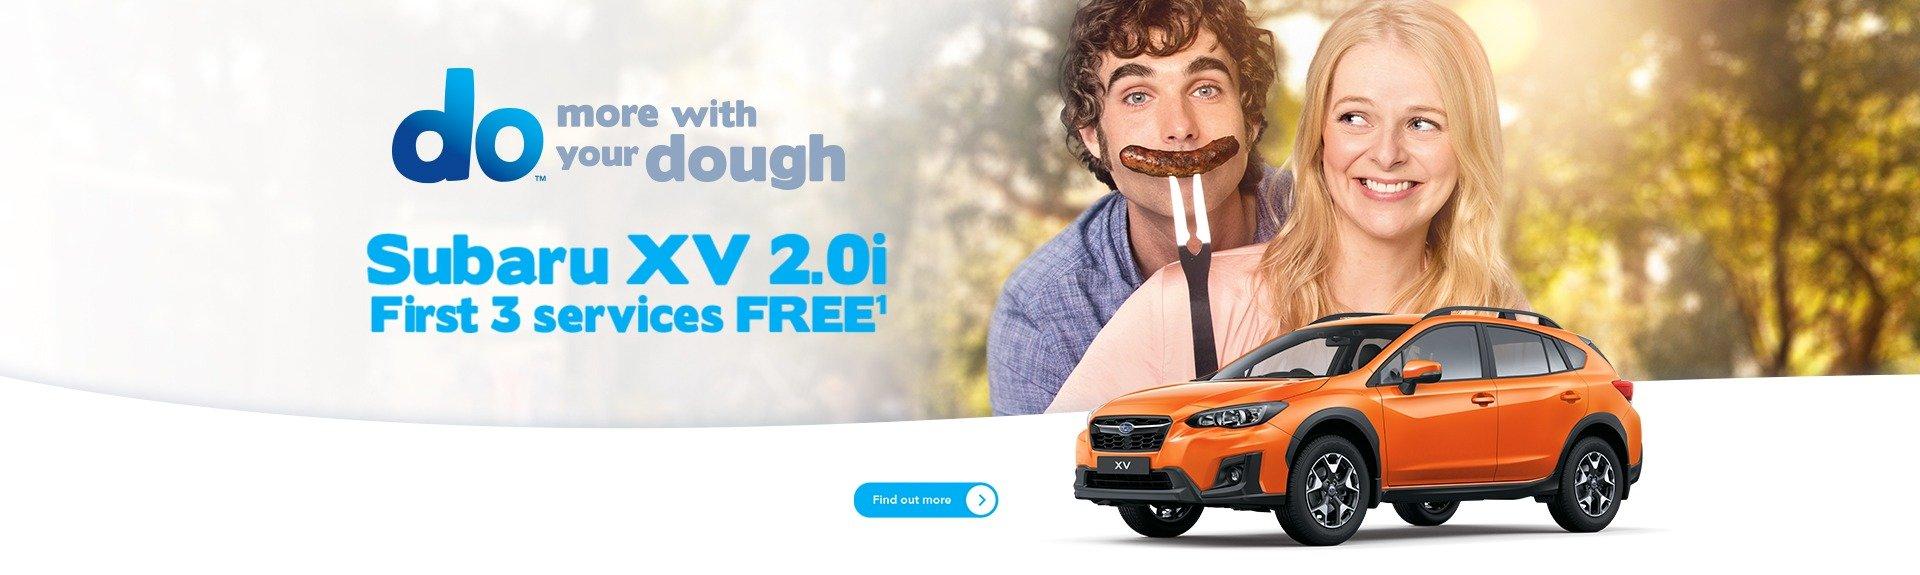 Subaru XV Offer